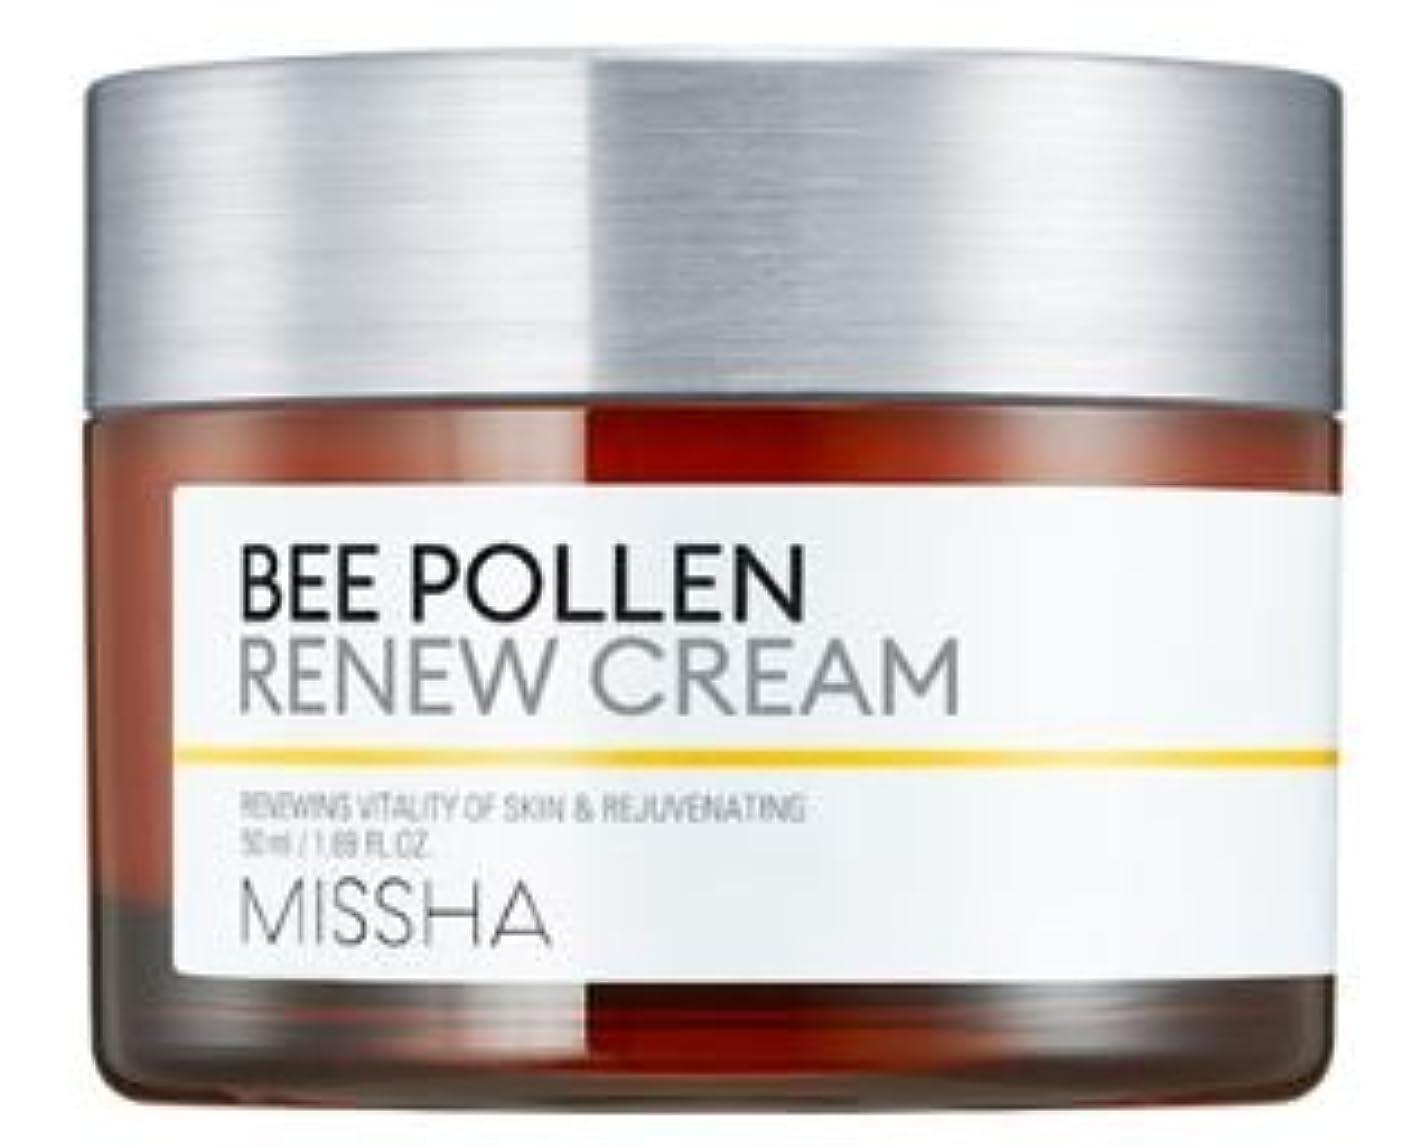 離す効率呼吸する[Missha] Bee Pollen Renew Cream 50ml/[ミシャ] ビーポレンリニュークリーム50ml [並行輸入品]